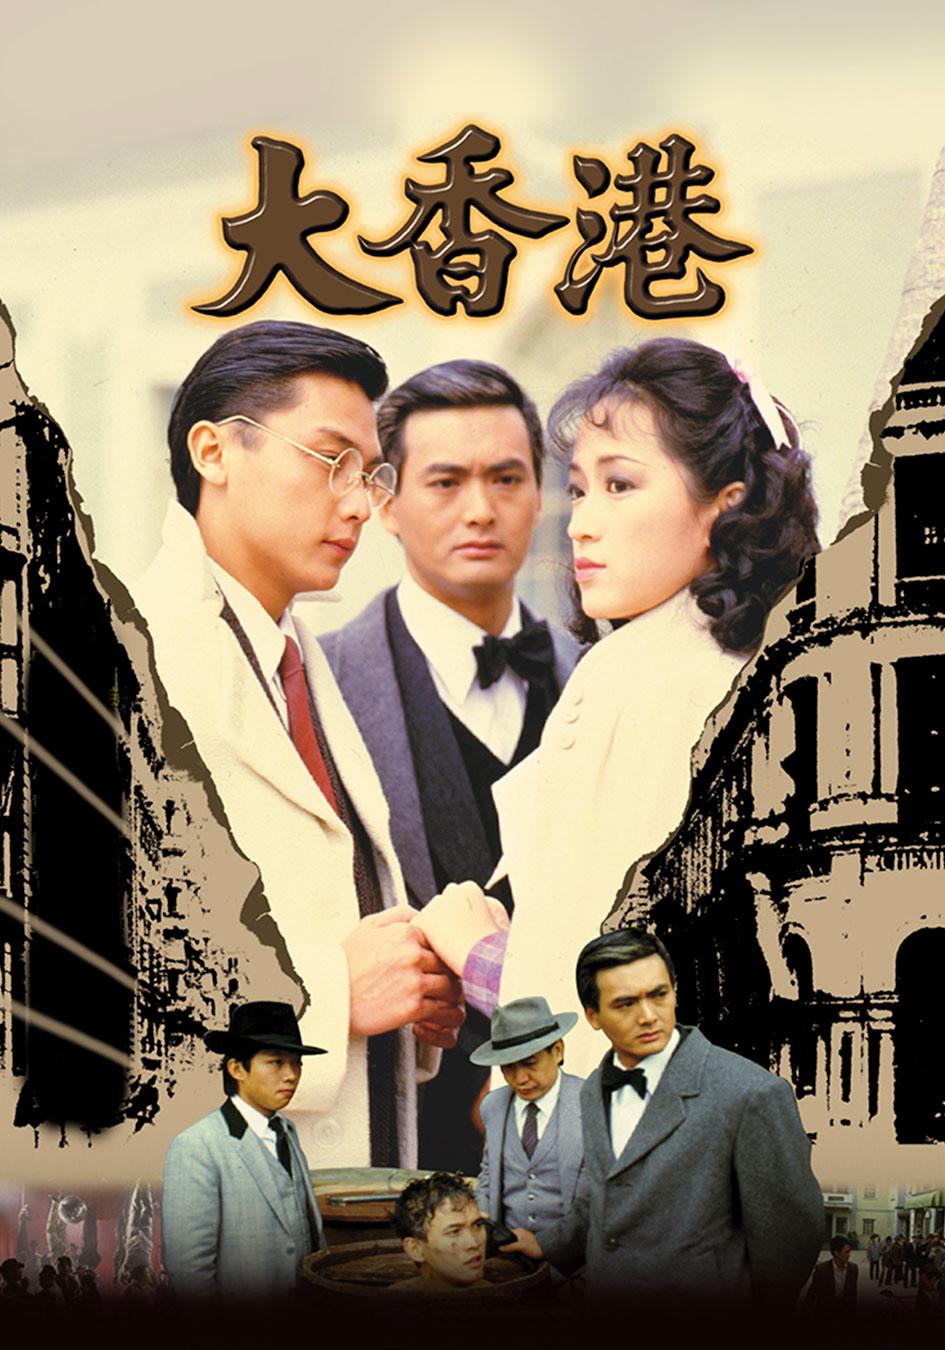 大香港-The Battle Among the Clans